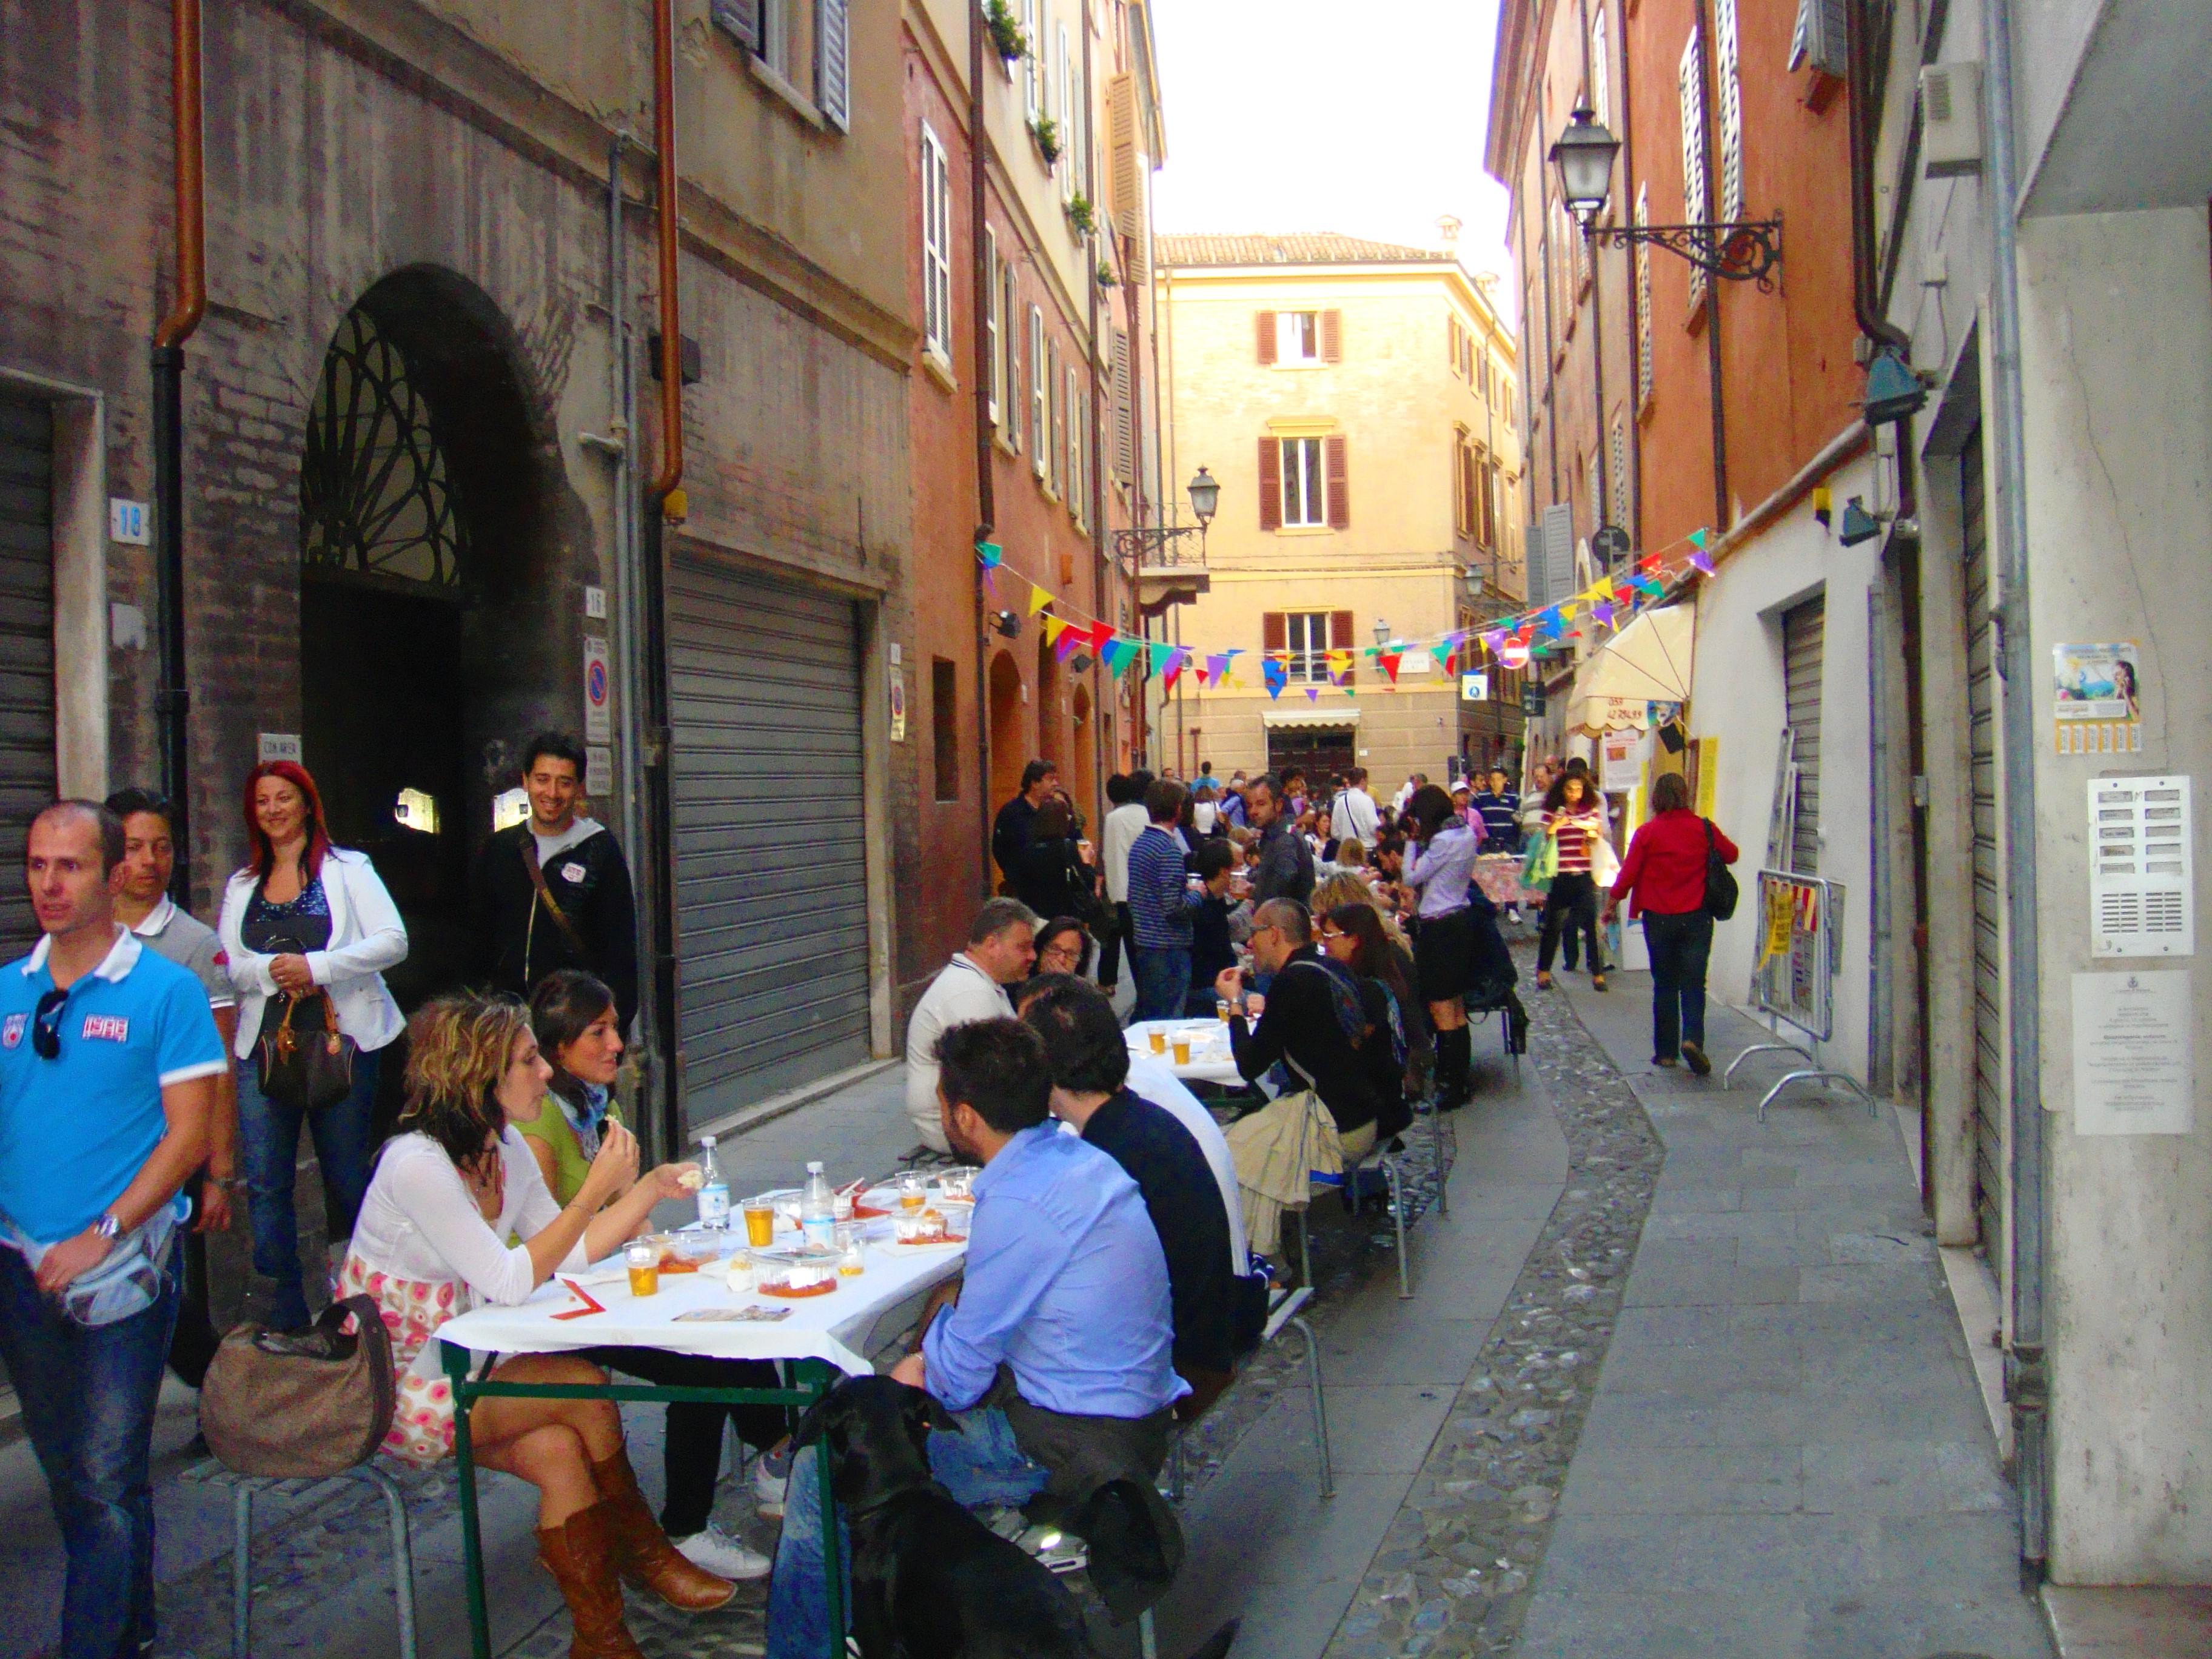 clorophilla modena ristorante paradiso - photo#23